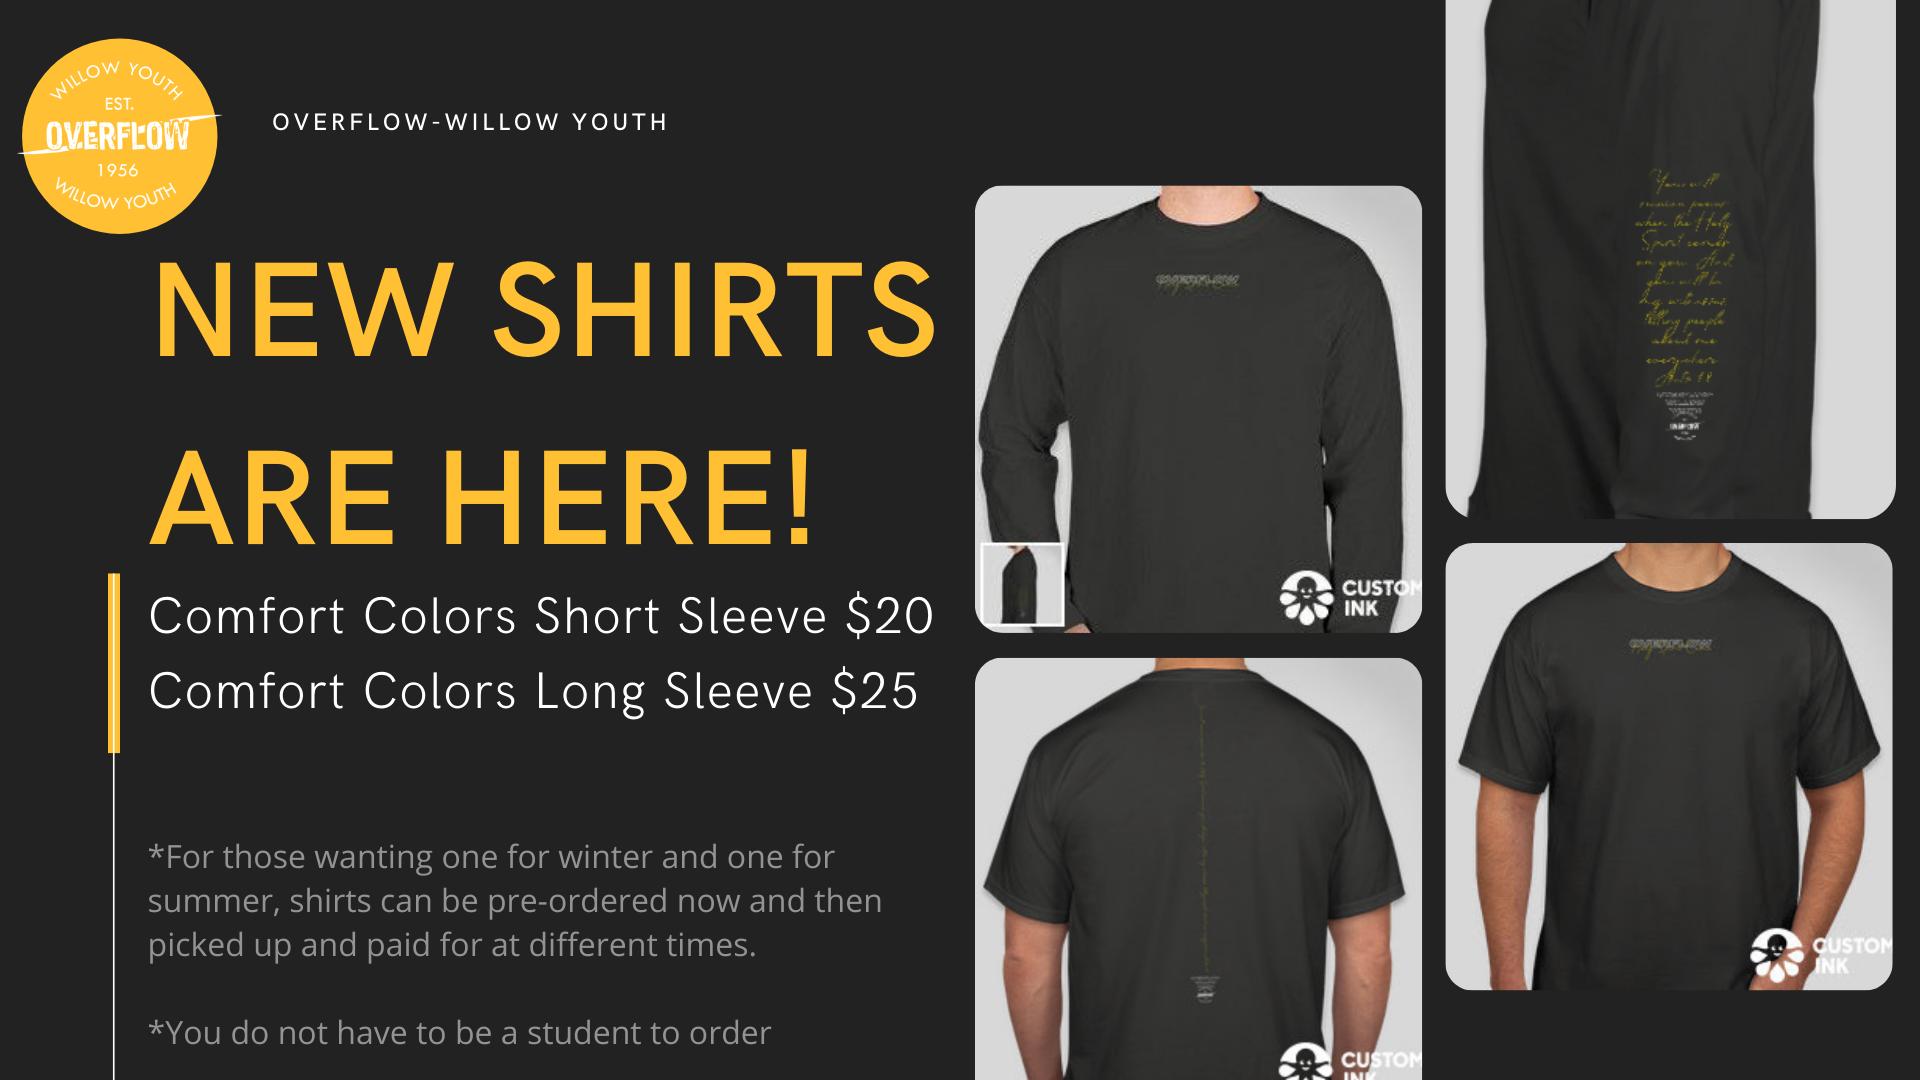 New Shirt Alert!!